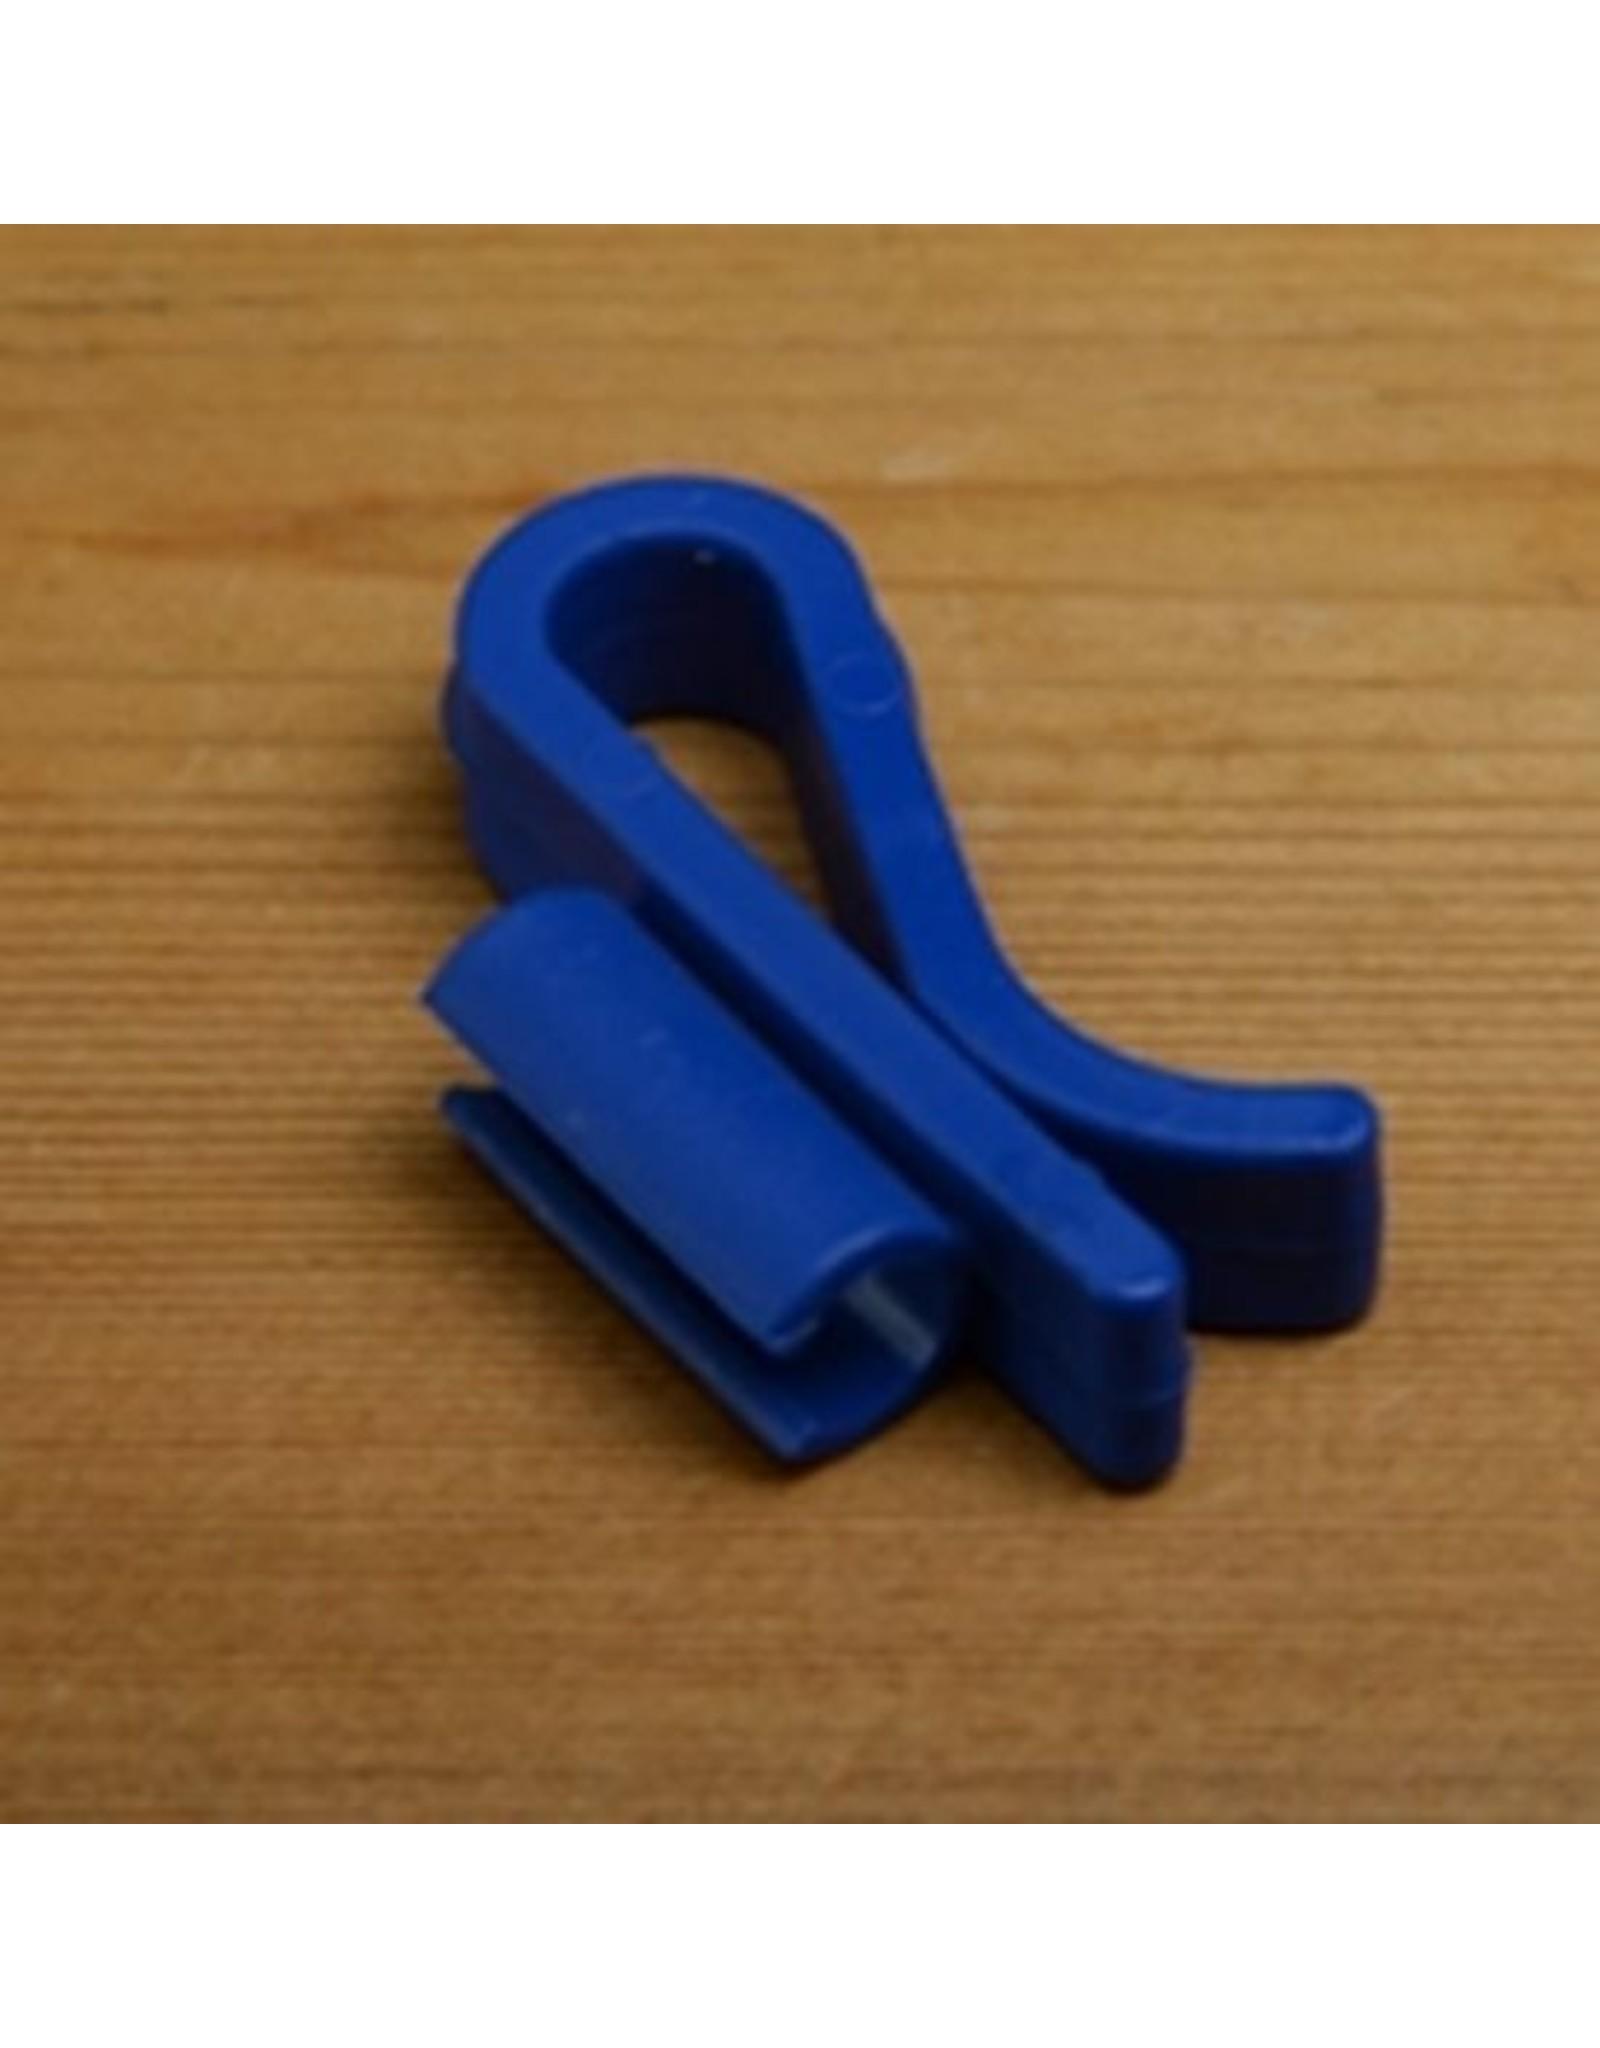 Siphon Stem Holder - 3/8'' & 1/2'' Clip On off